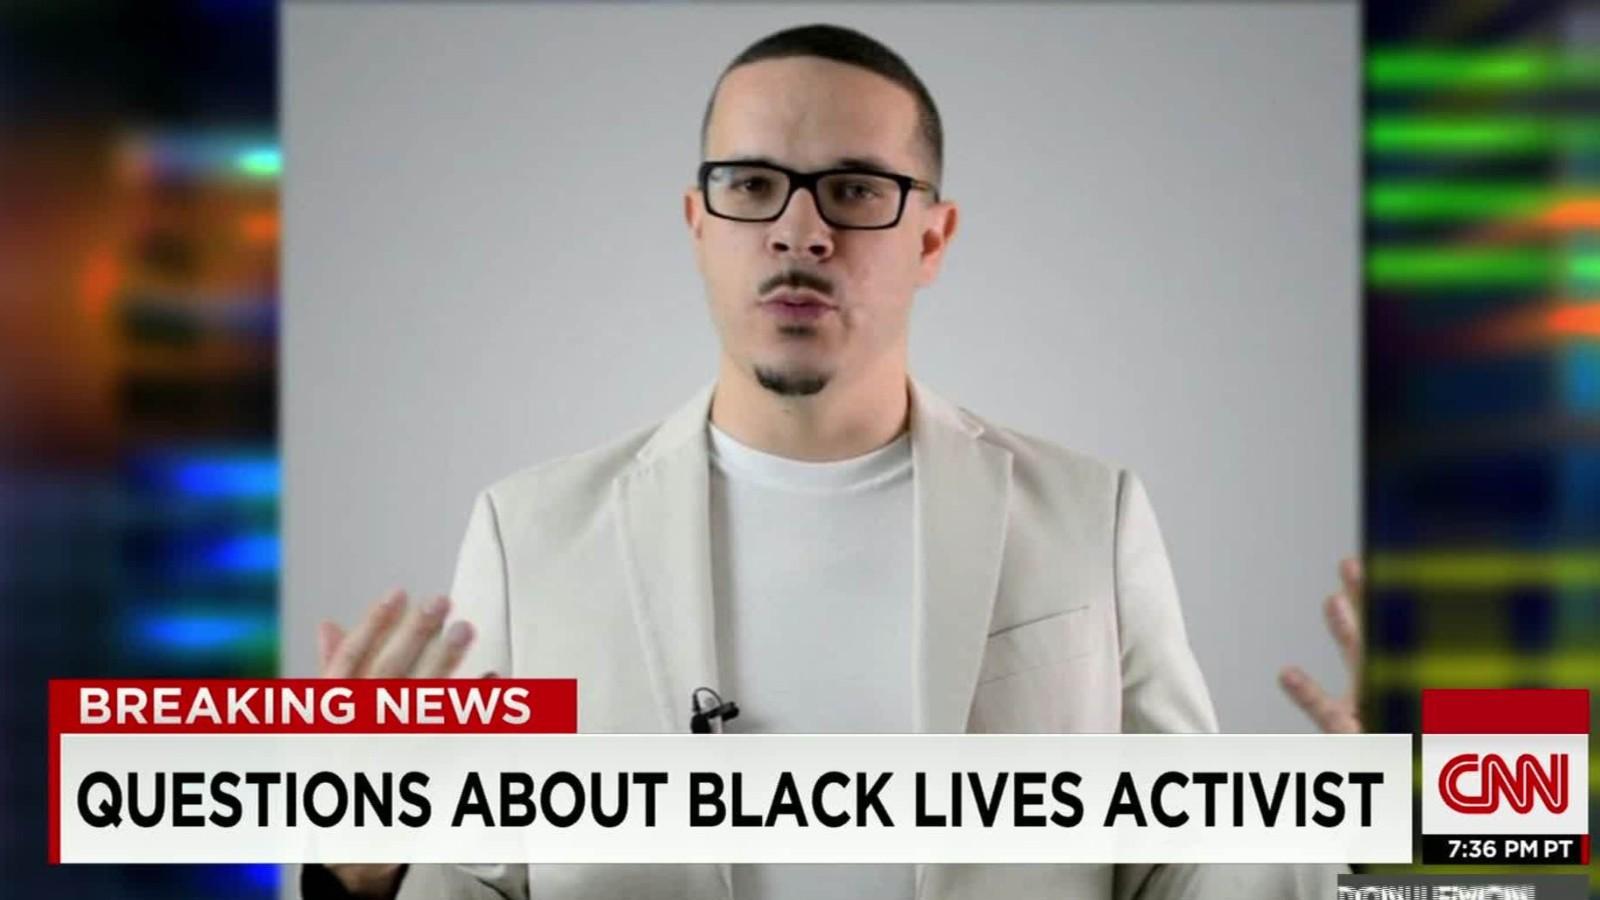 https://cdn.discordapp.com/attachments/365898602469392386/766495840935870484/150819225407-black-lives-matter-activist-african-america-shaun-king-lemon-ctn-00000324-super-tease.jpg